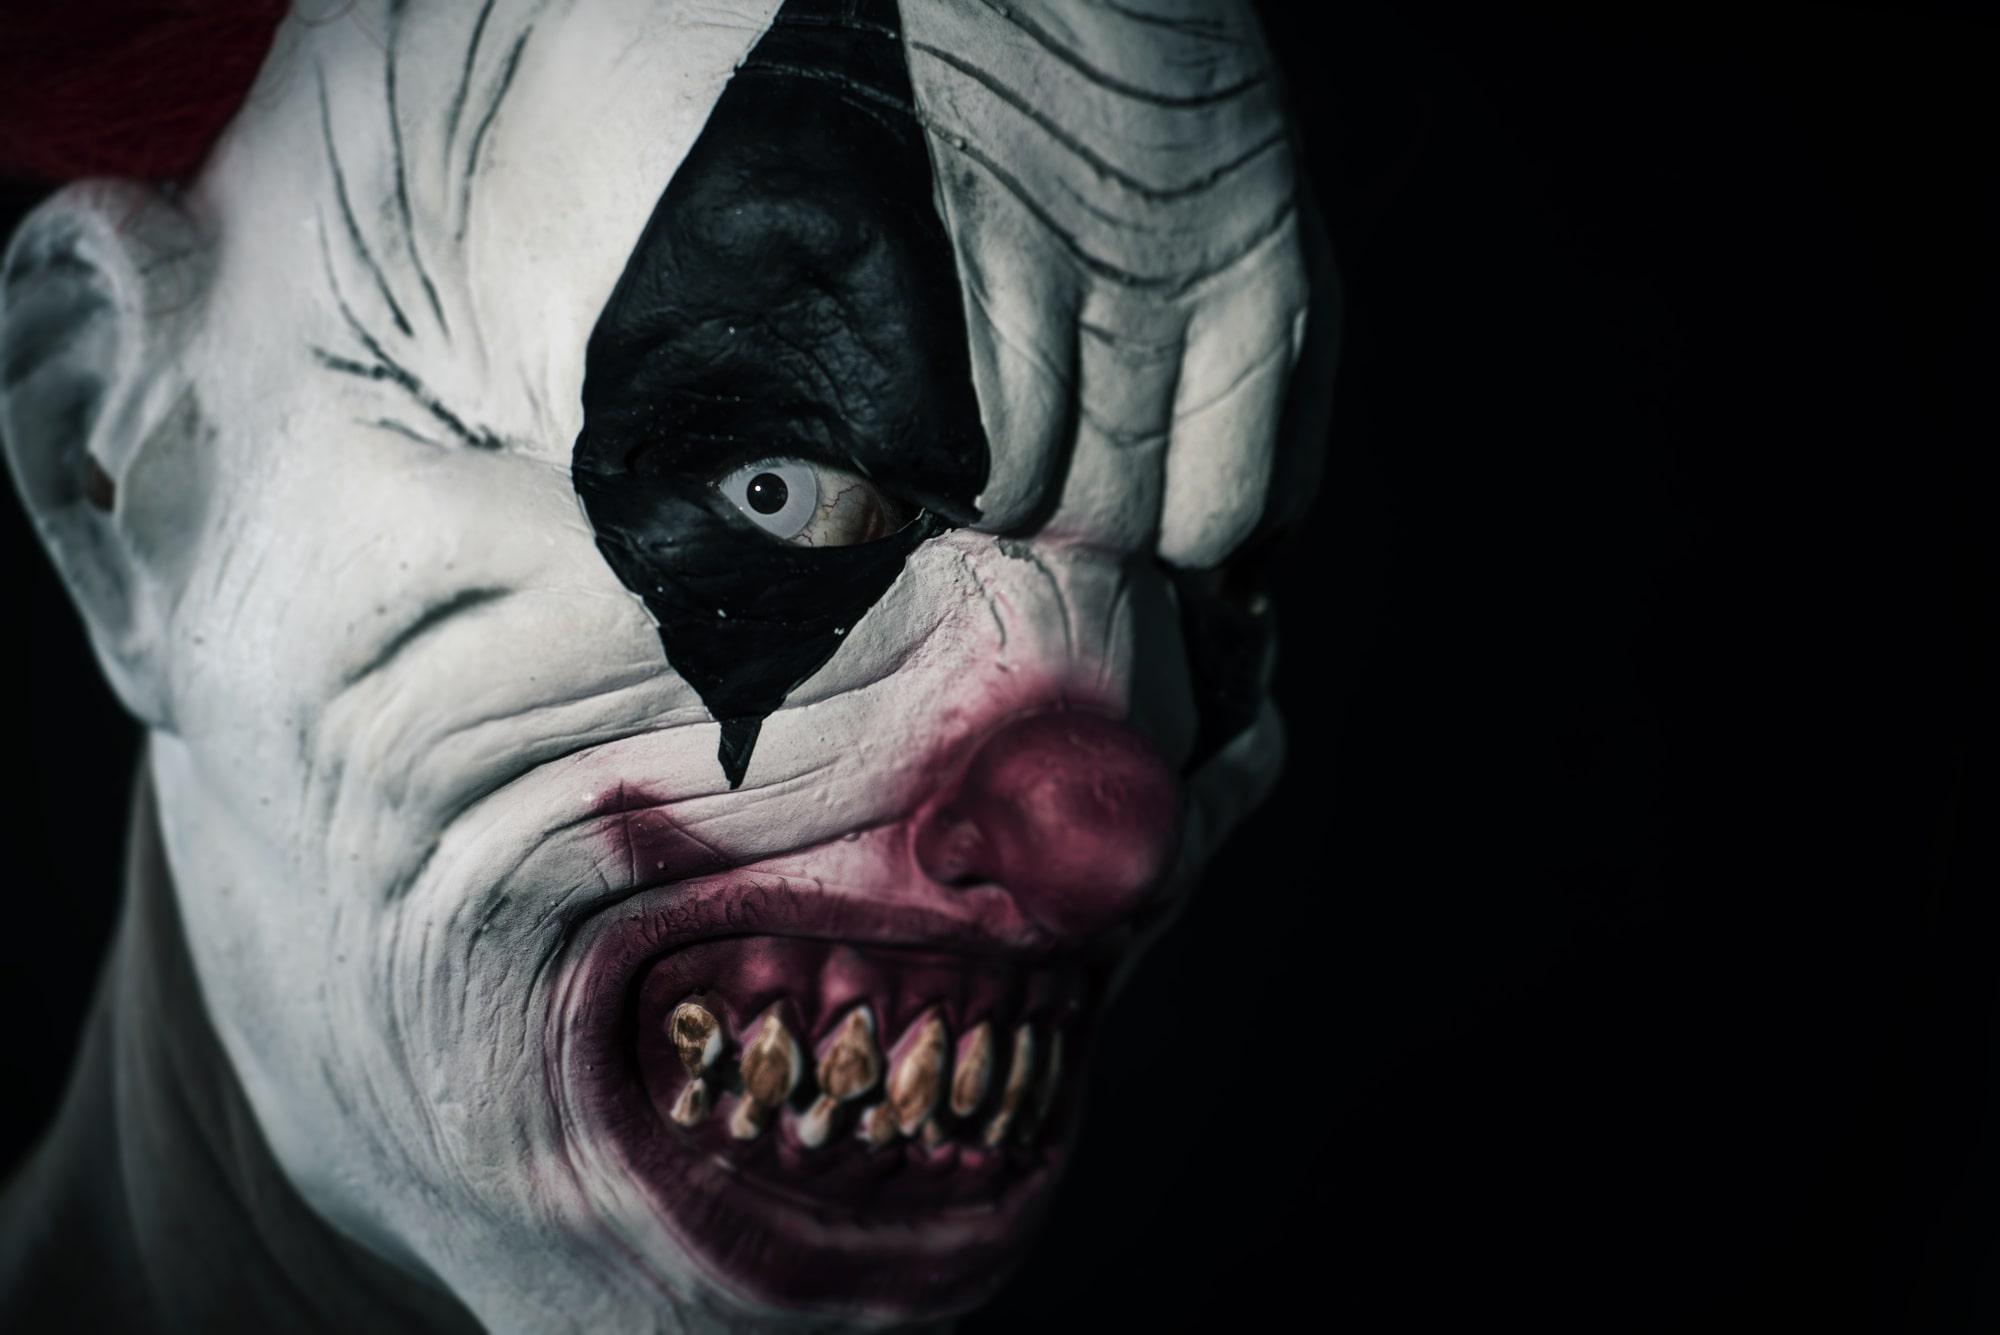 Сиквел культового инди-хоррора «Ужасающий» перенесли на неопределенный срок